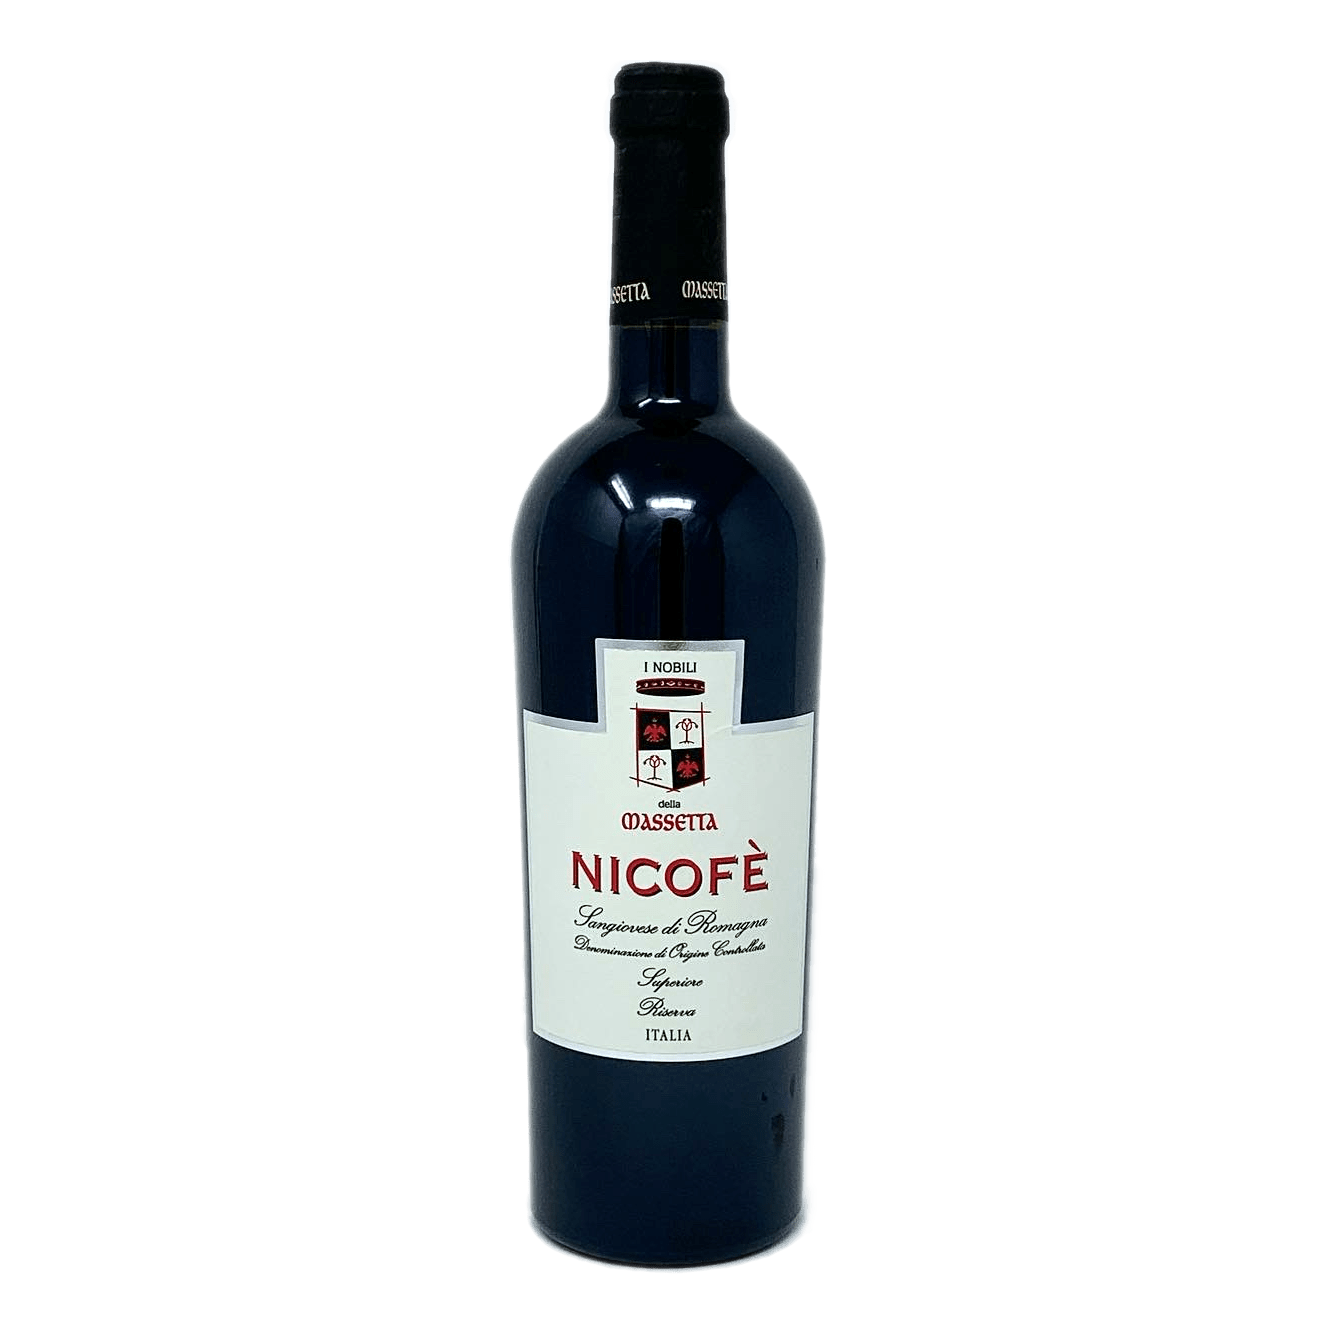 NICOFÈ Sangiovese Superiore Riserva D.O.C. I Nobili Della Massetta